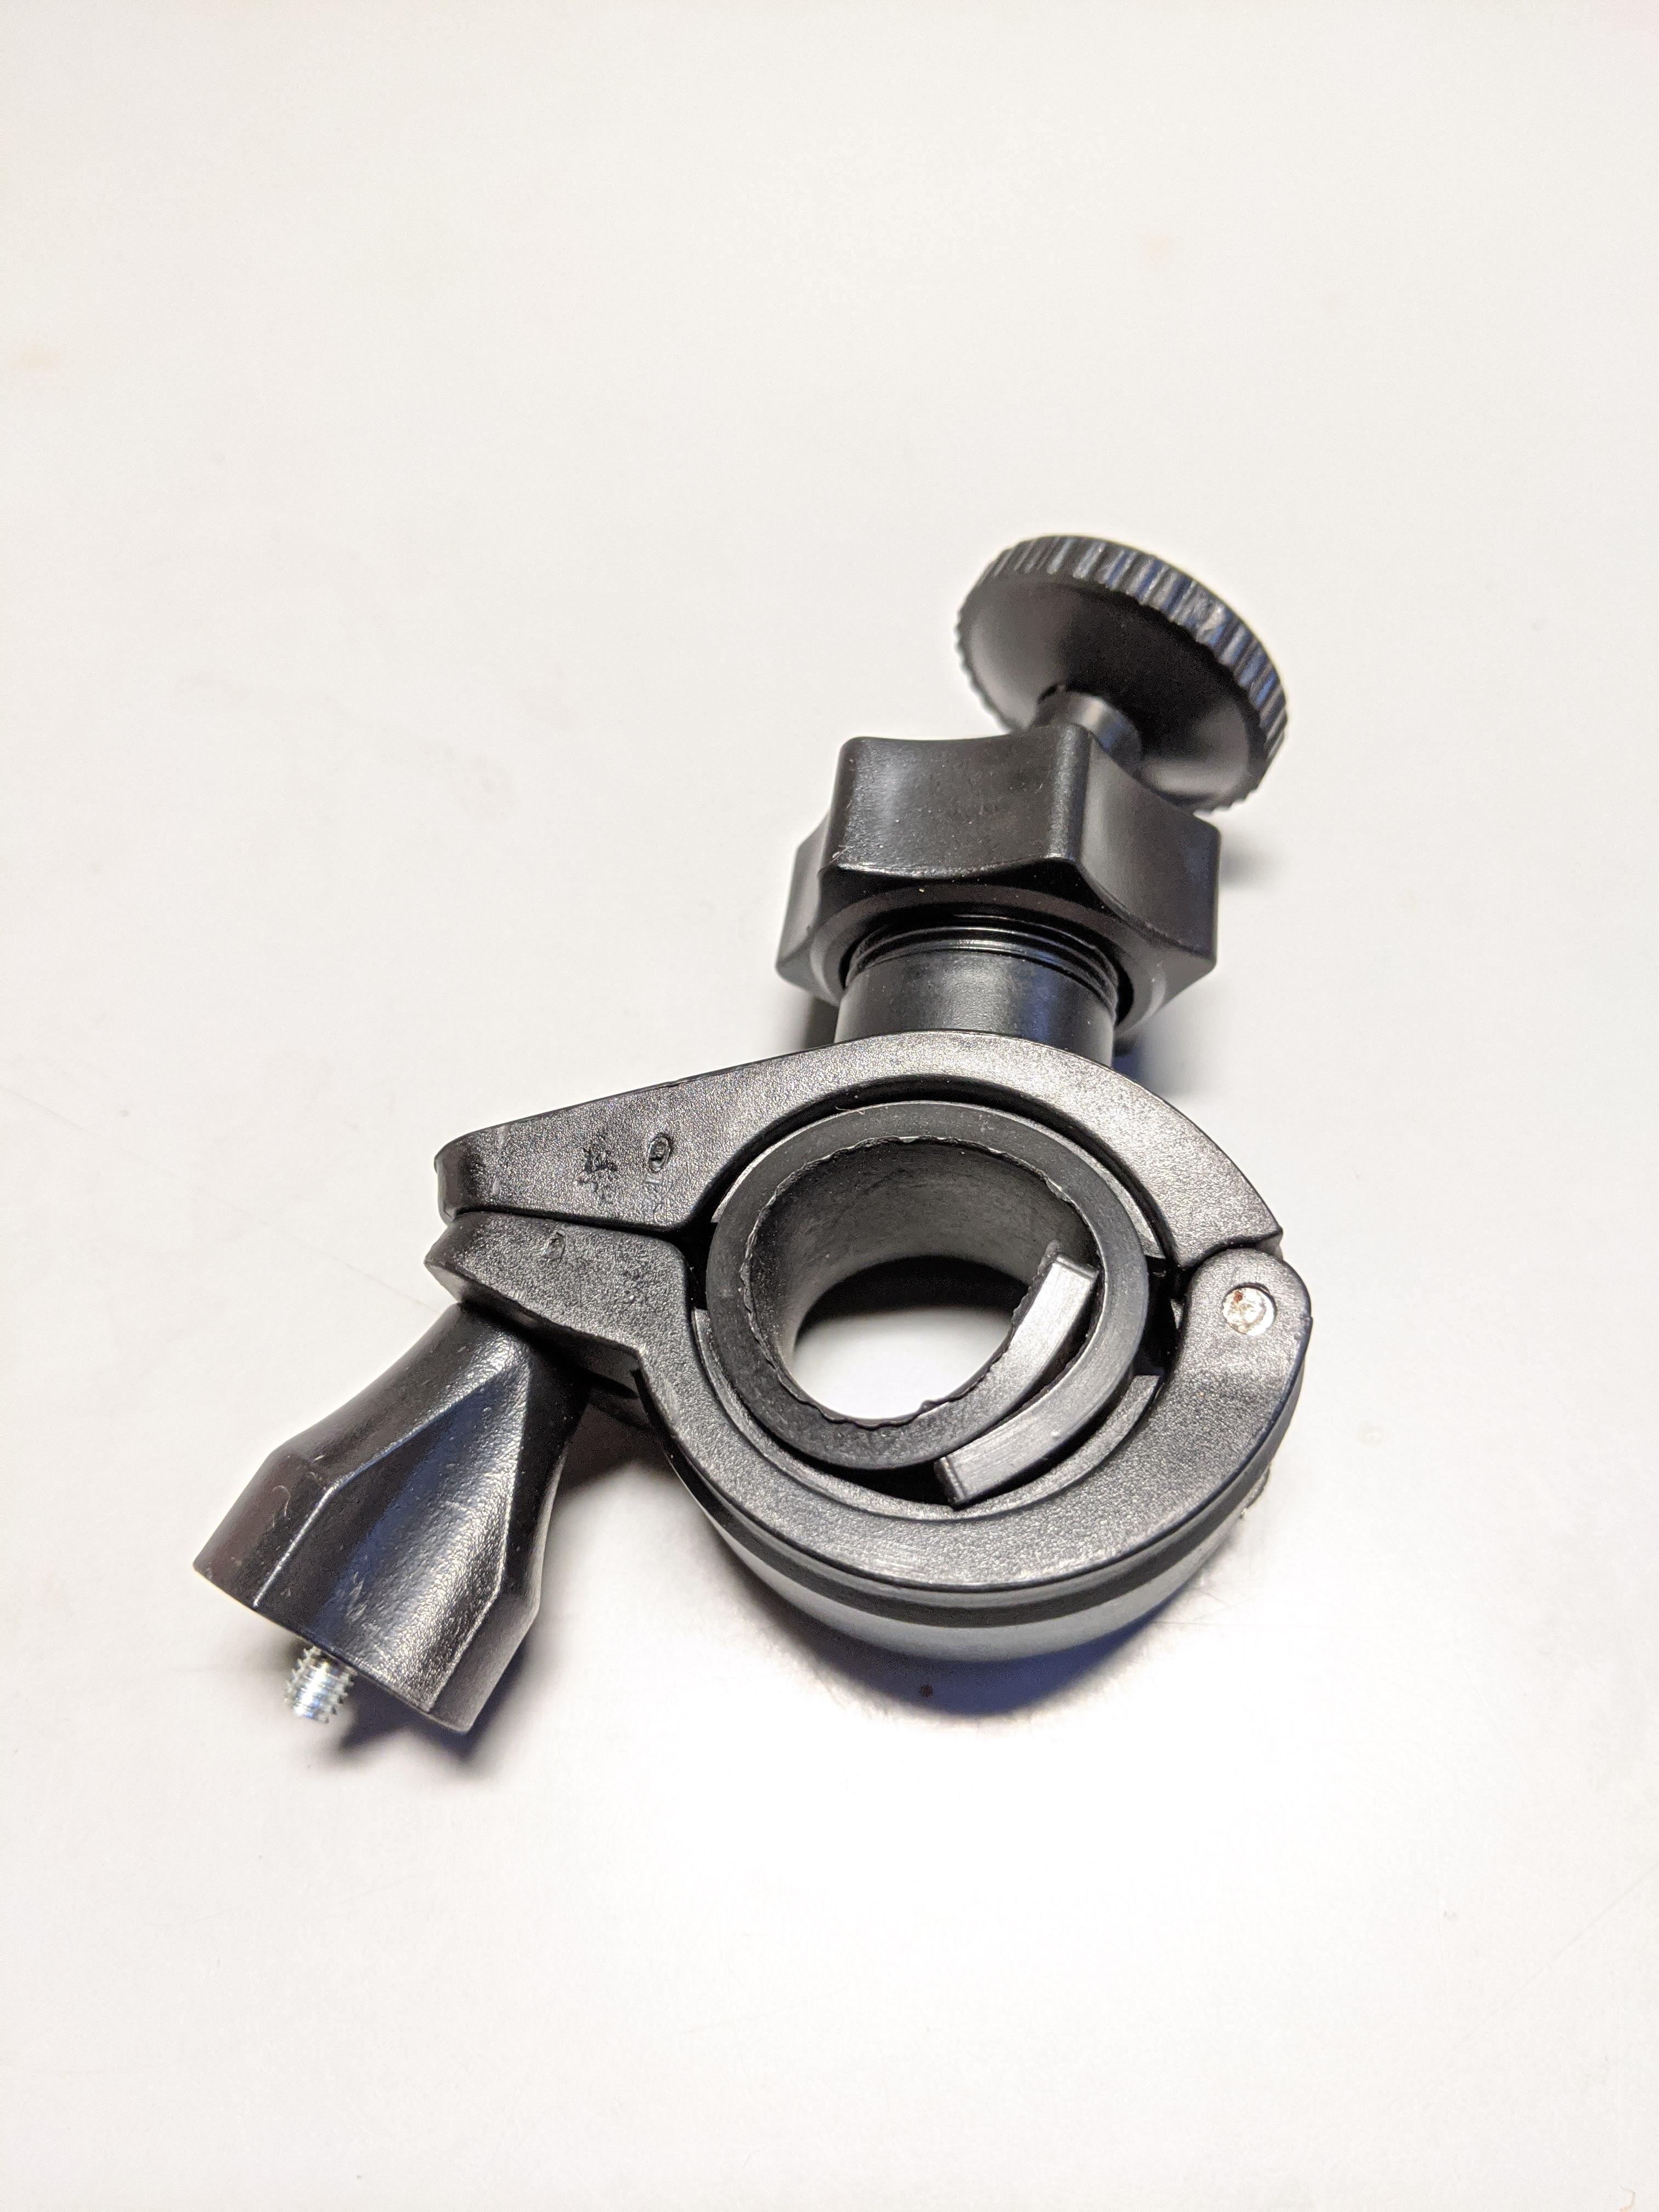 相機騎行組 自行車座 單車支架 轉接頭(Insta360 One X2、R、Theta Z1、GoPro Max均適用)